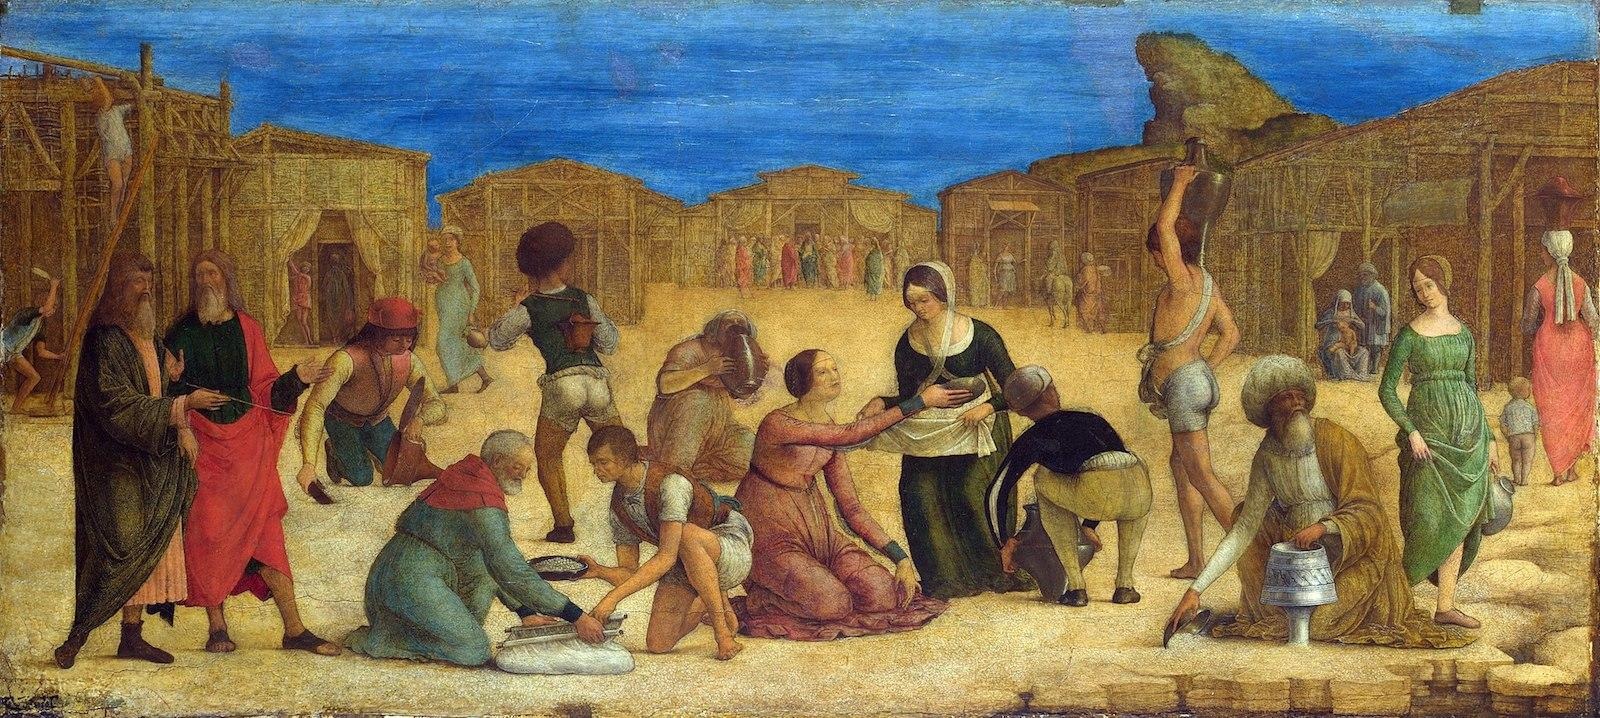 Paintings Of Women Eating Food